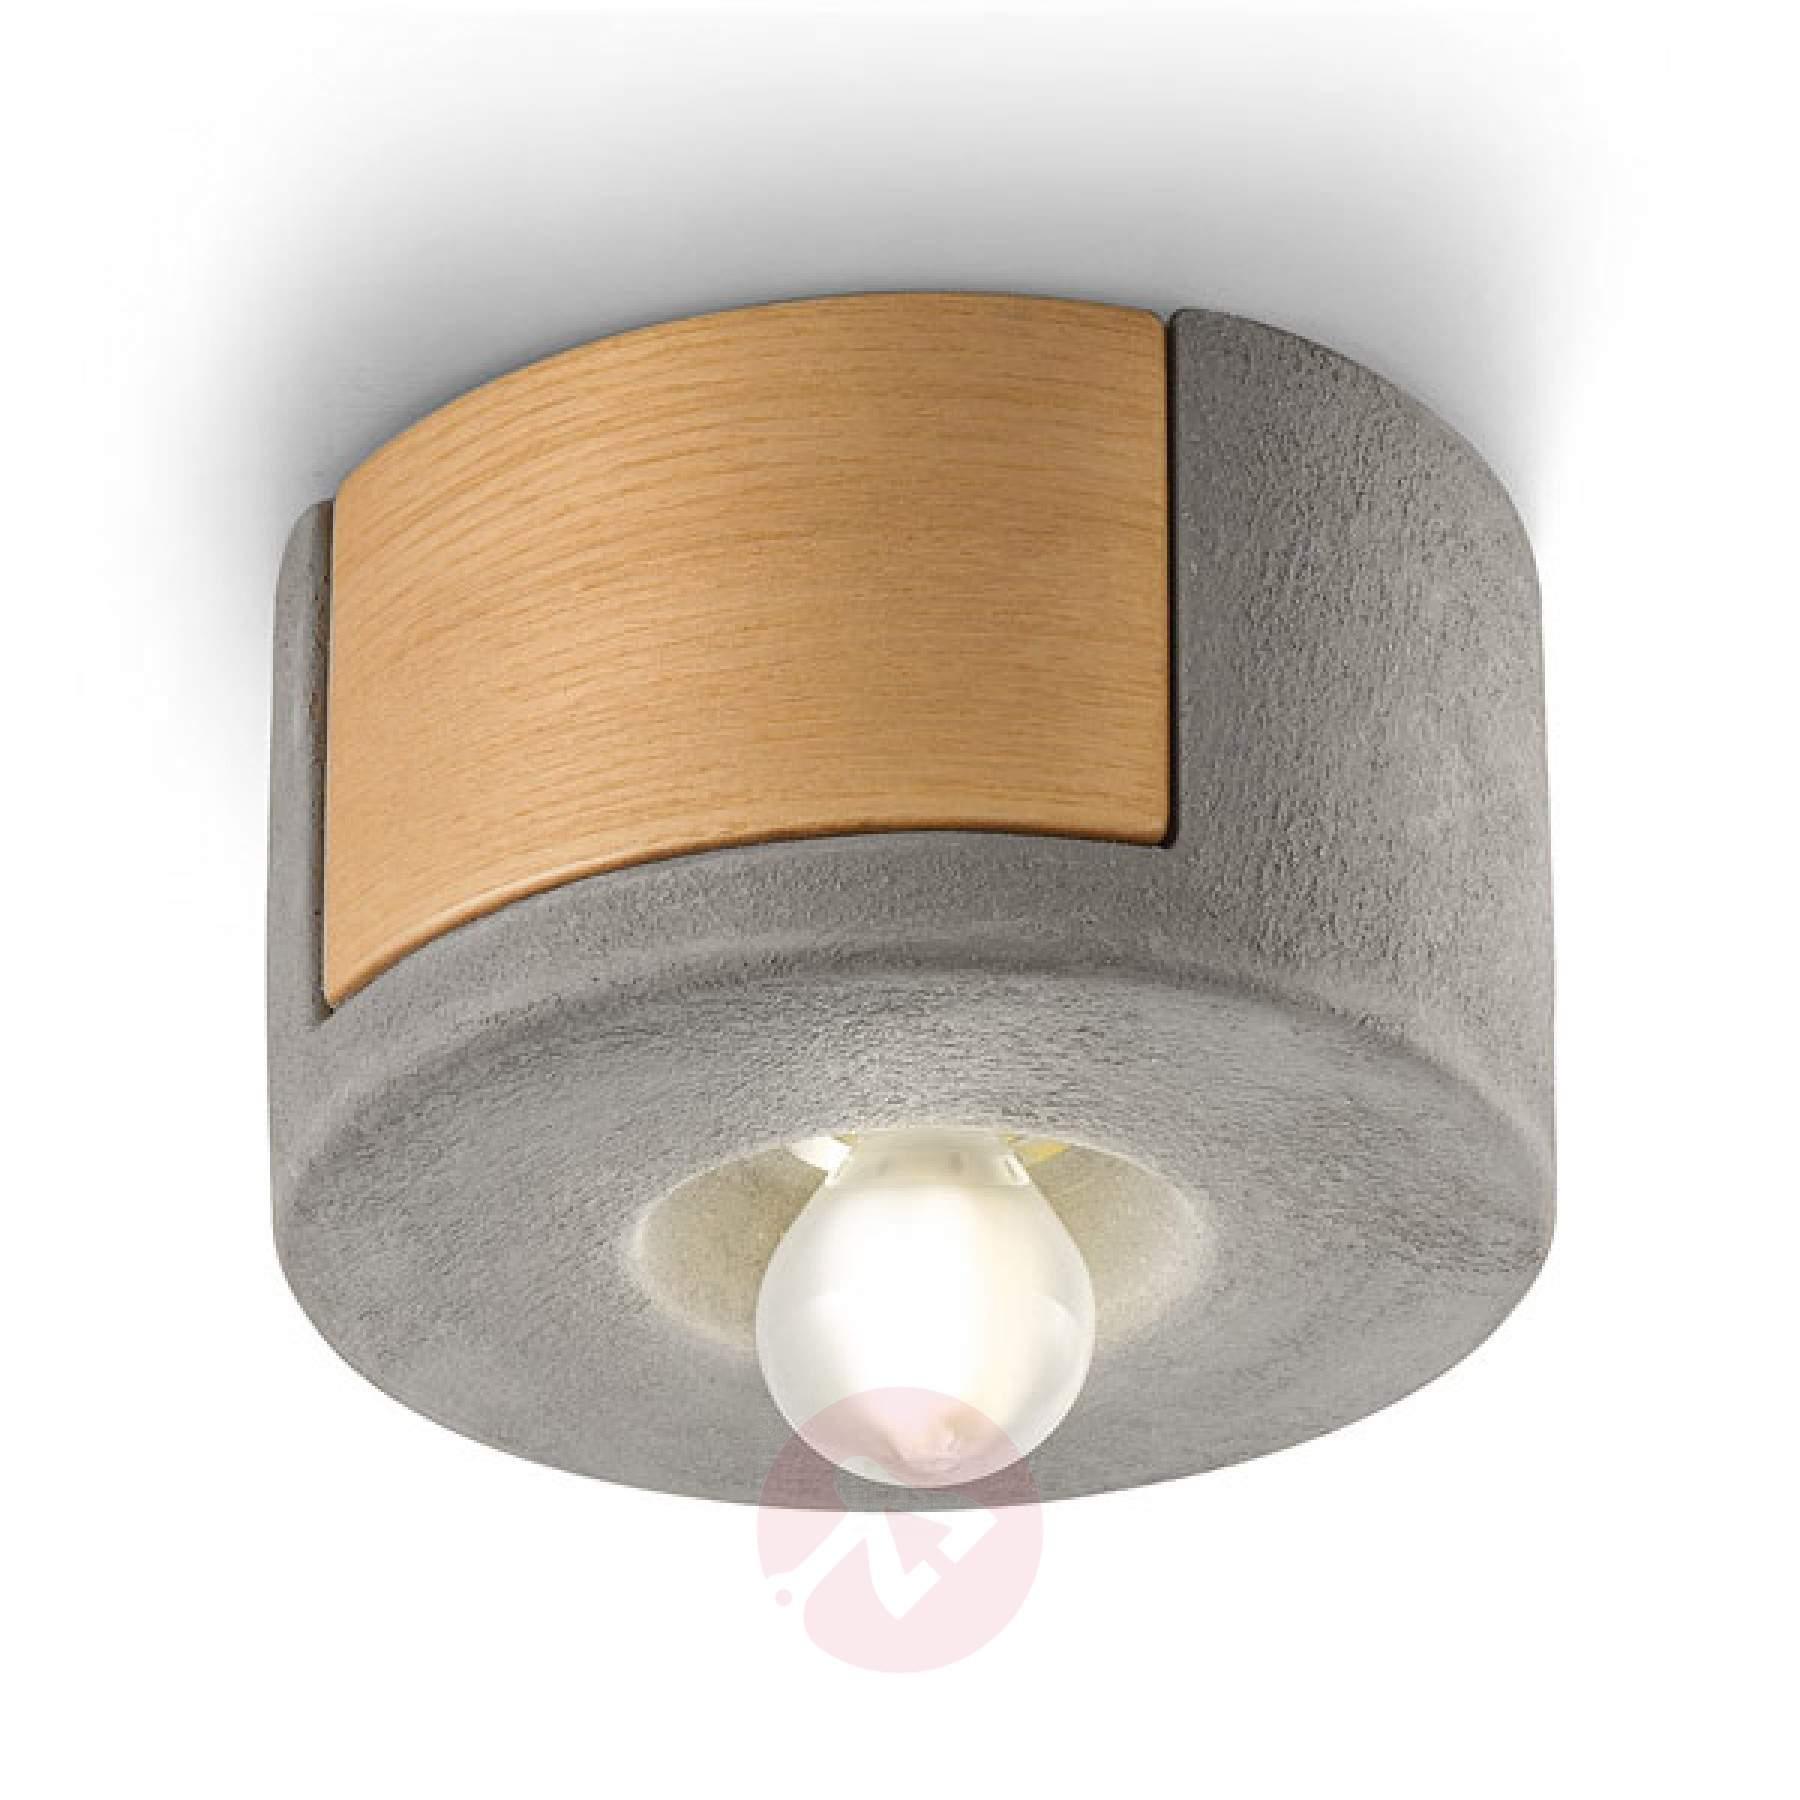 Full Size of Deckenlampe Skandinavisch Esstisch Schlafzimmer Bad Deckenlampen Wohnzimmer Modern Für Bett Küche Wohnzimmer Deckenlampe Skandinavisch